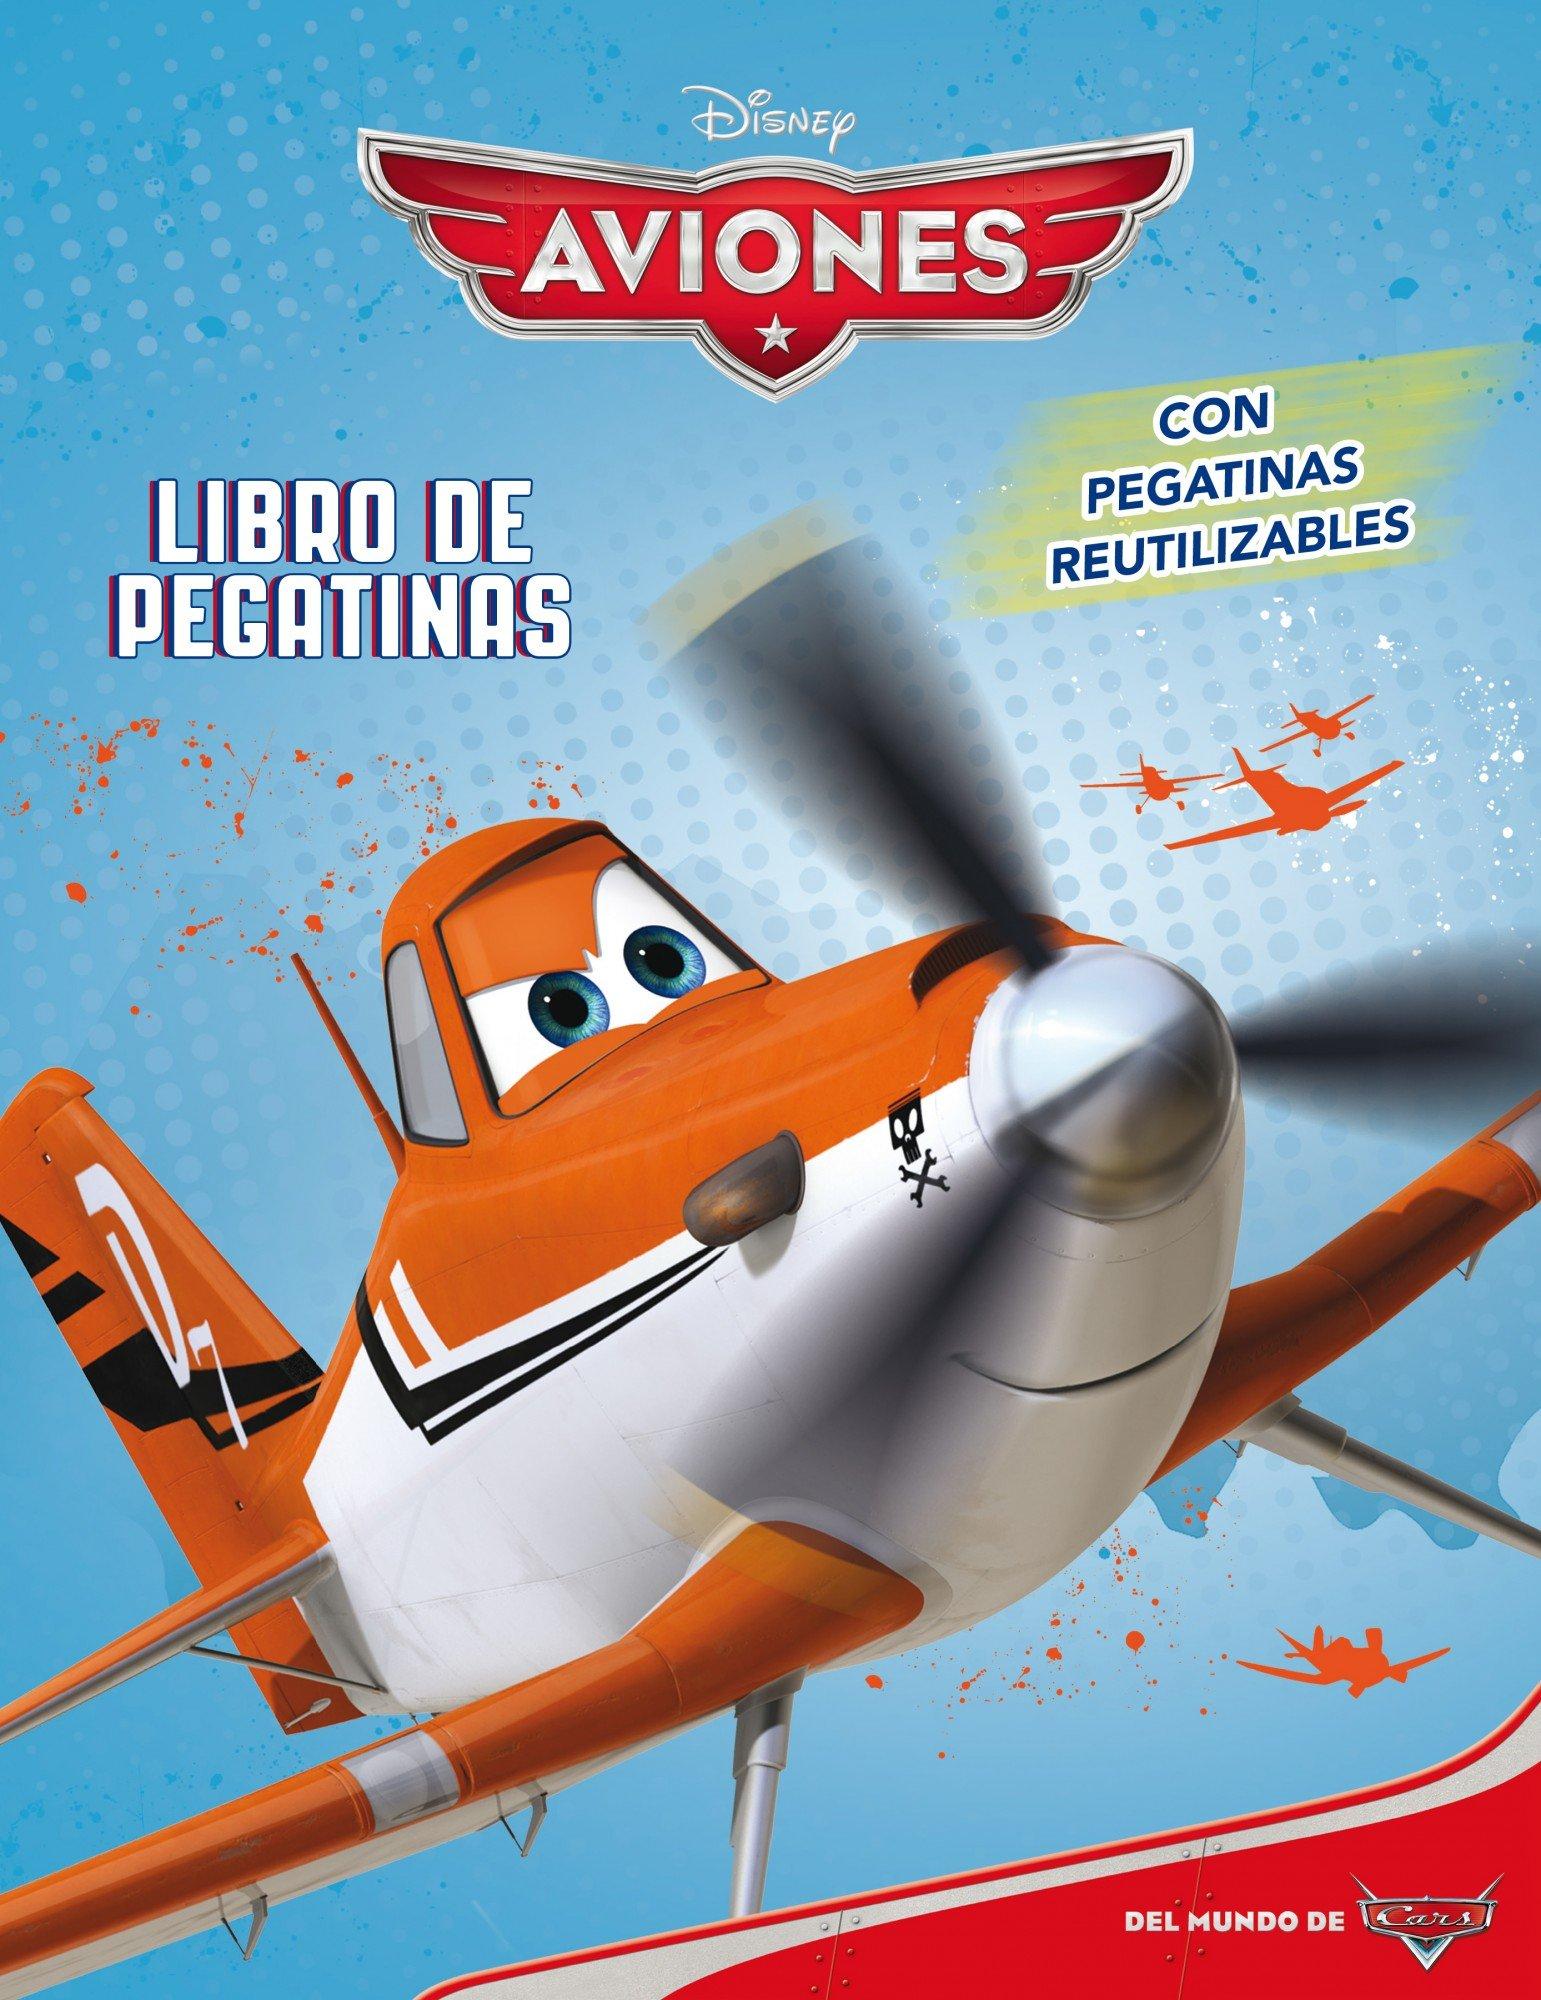 Aviones. Libro de pegatinas (Disney. Aviones): Amazon.es: Disney: Libros